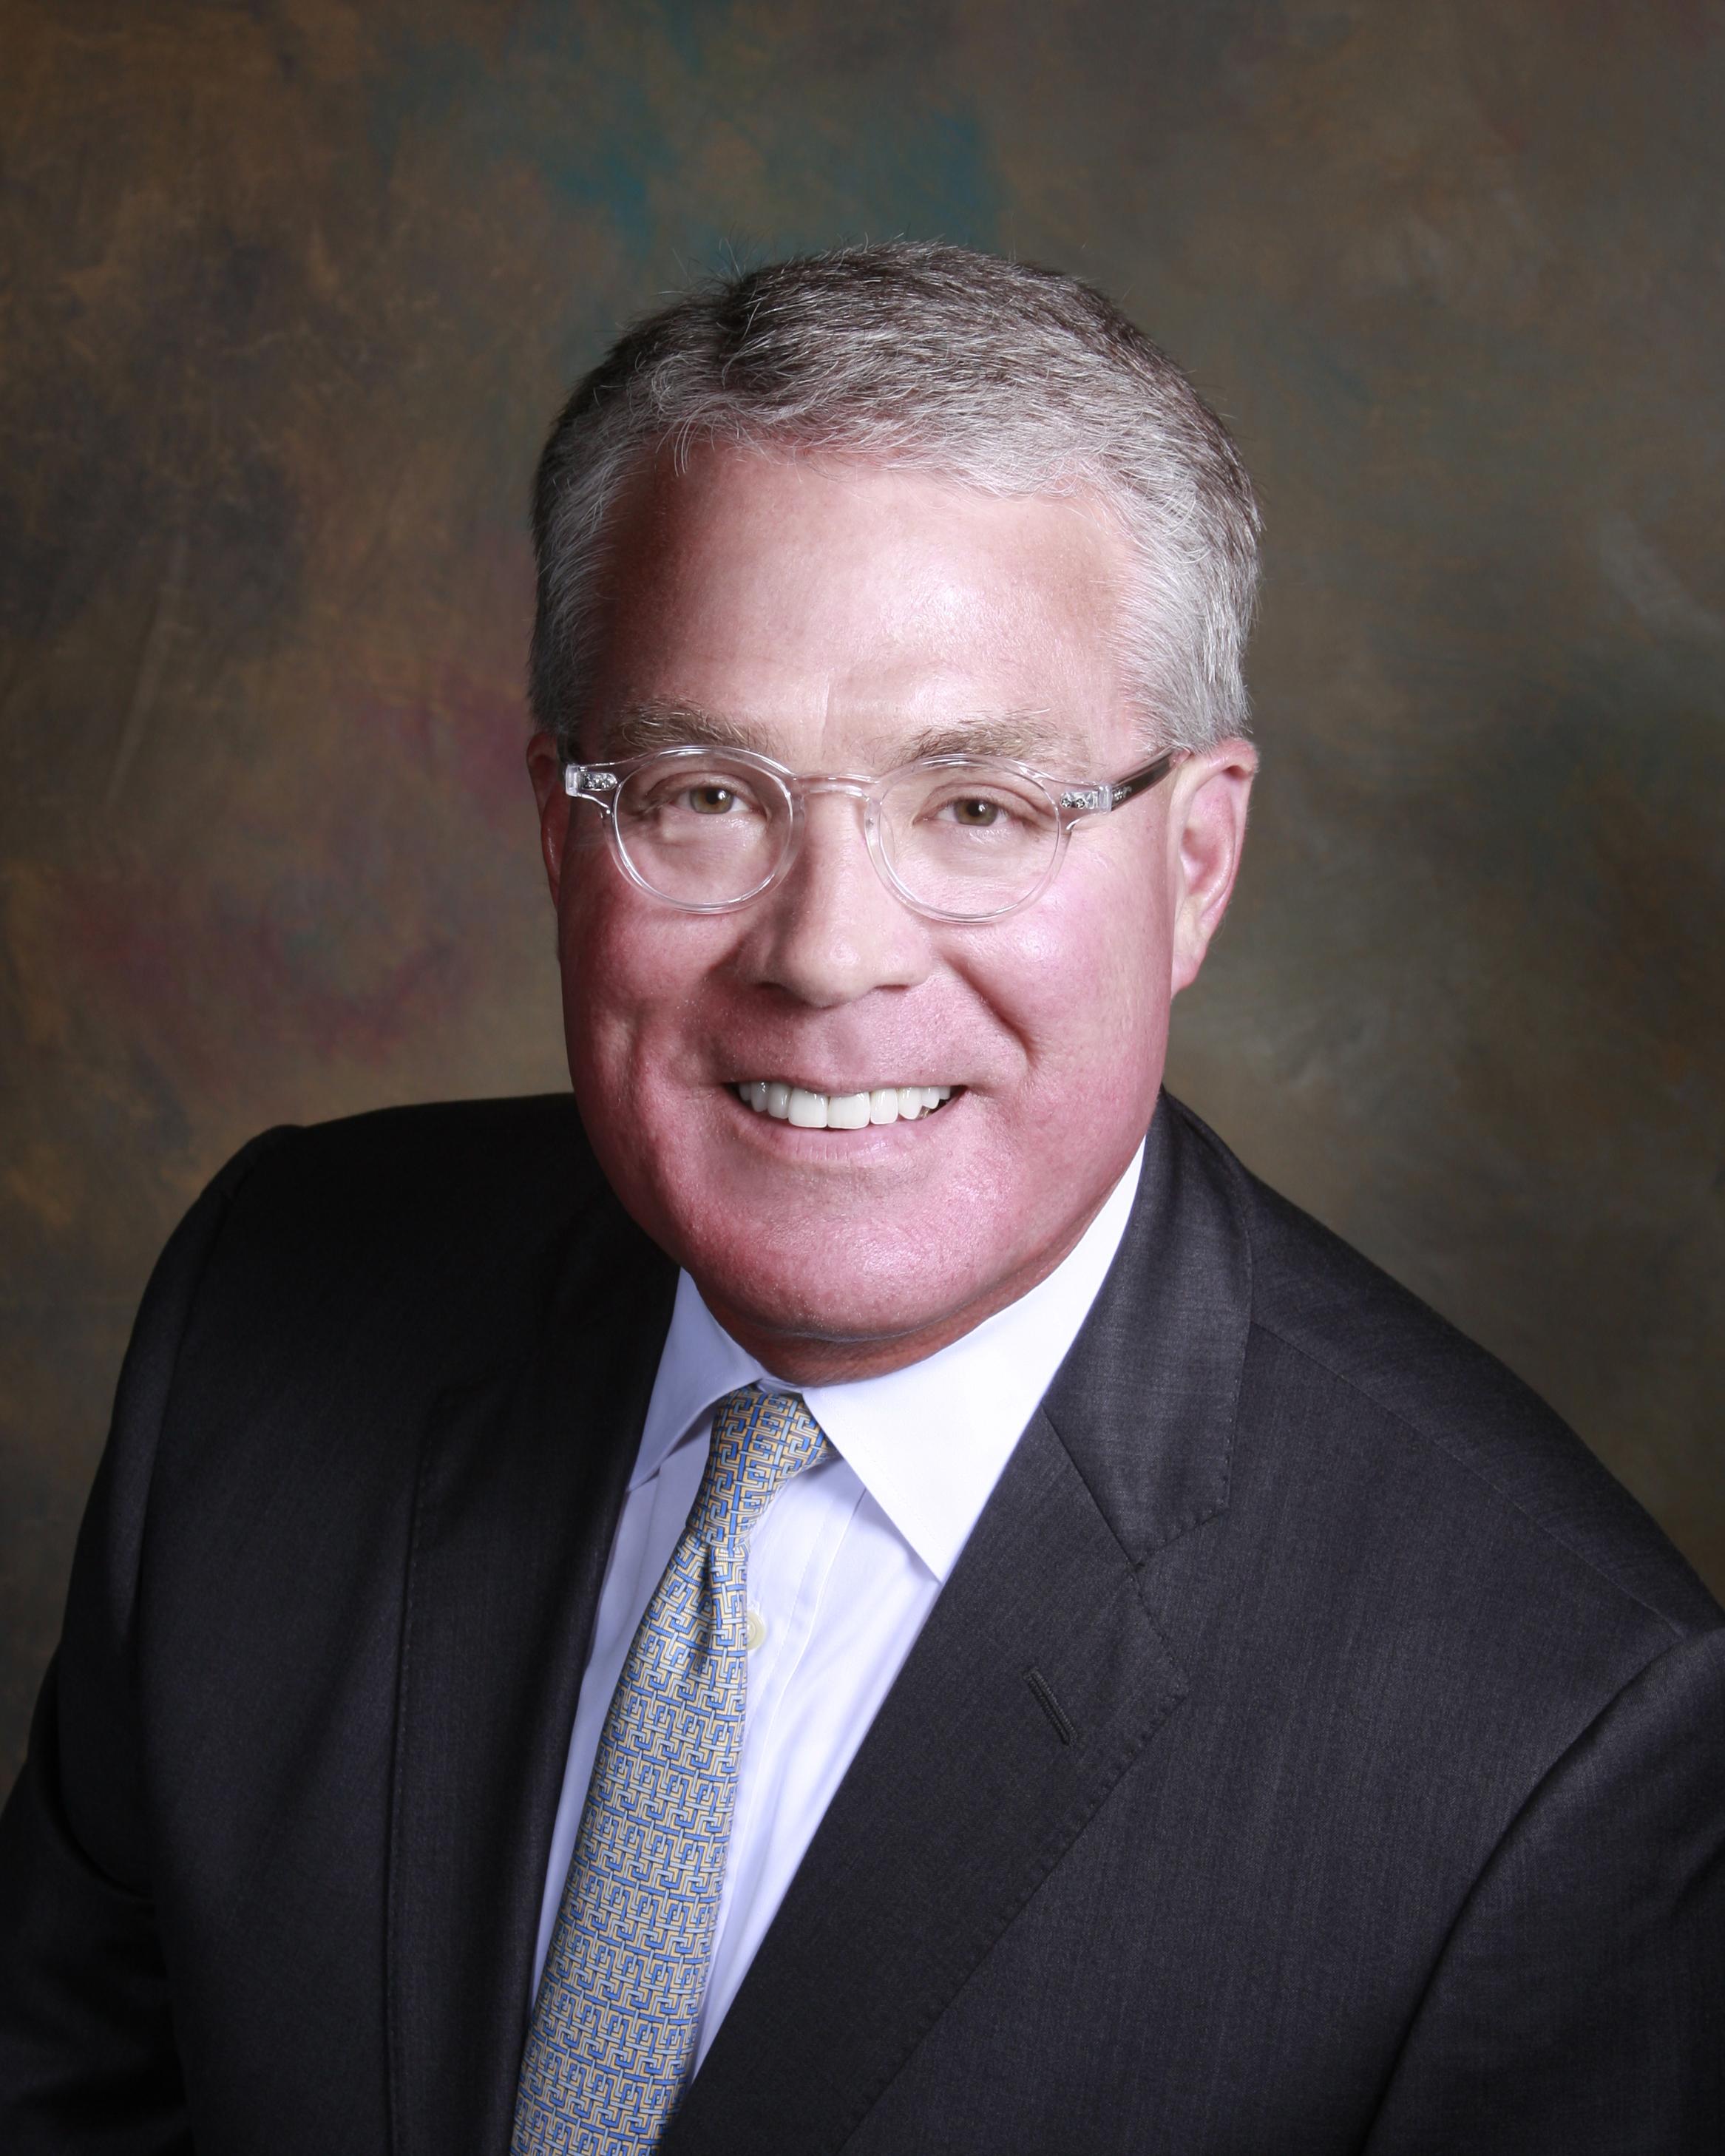 Donald Philbin